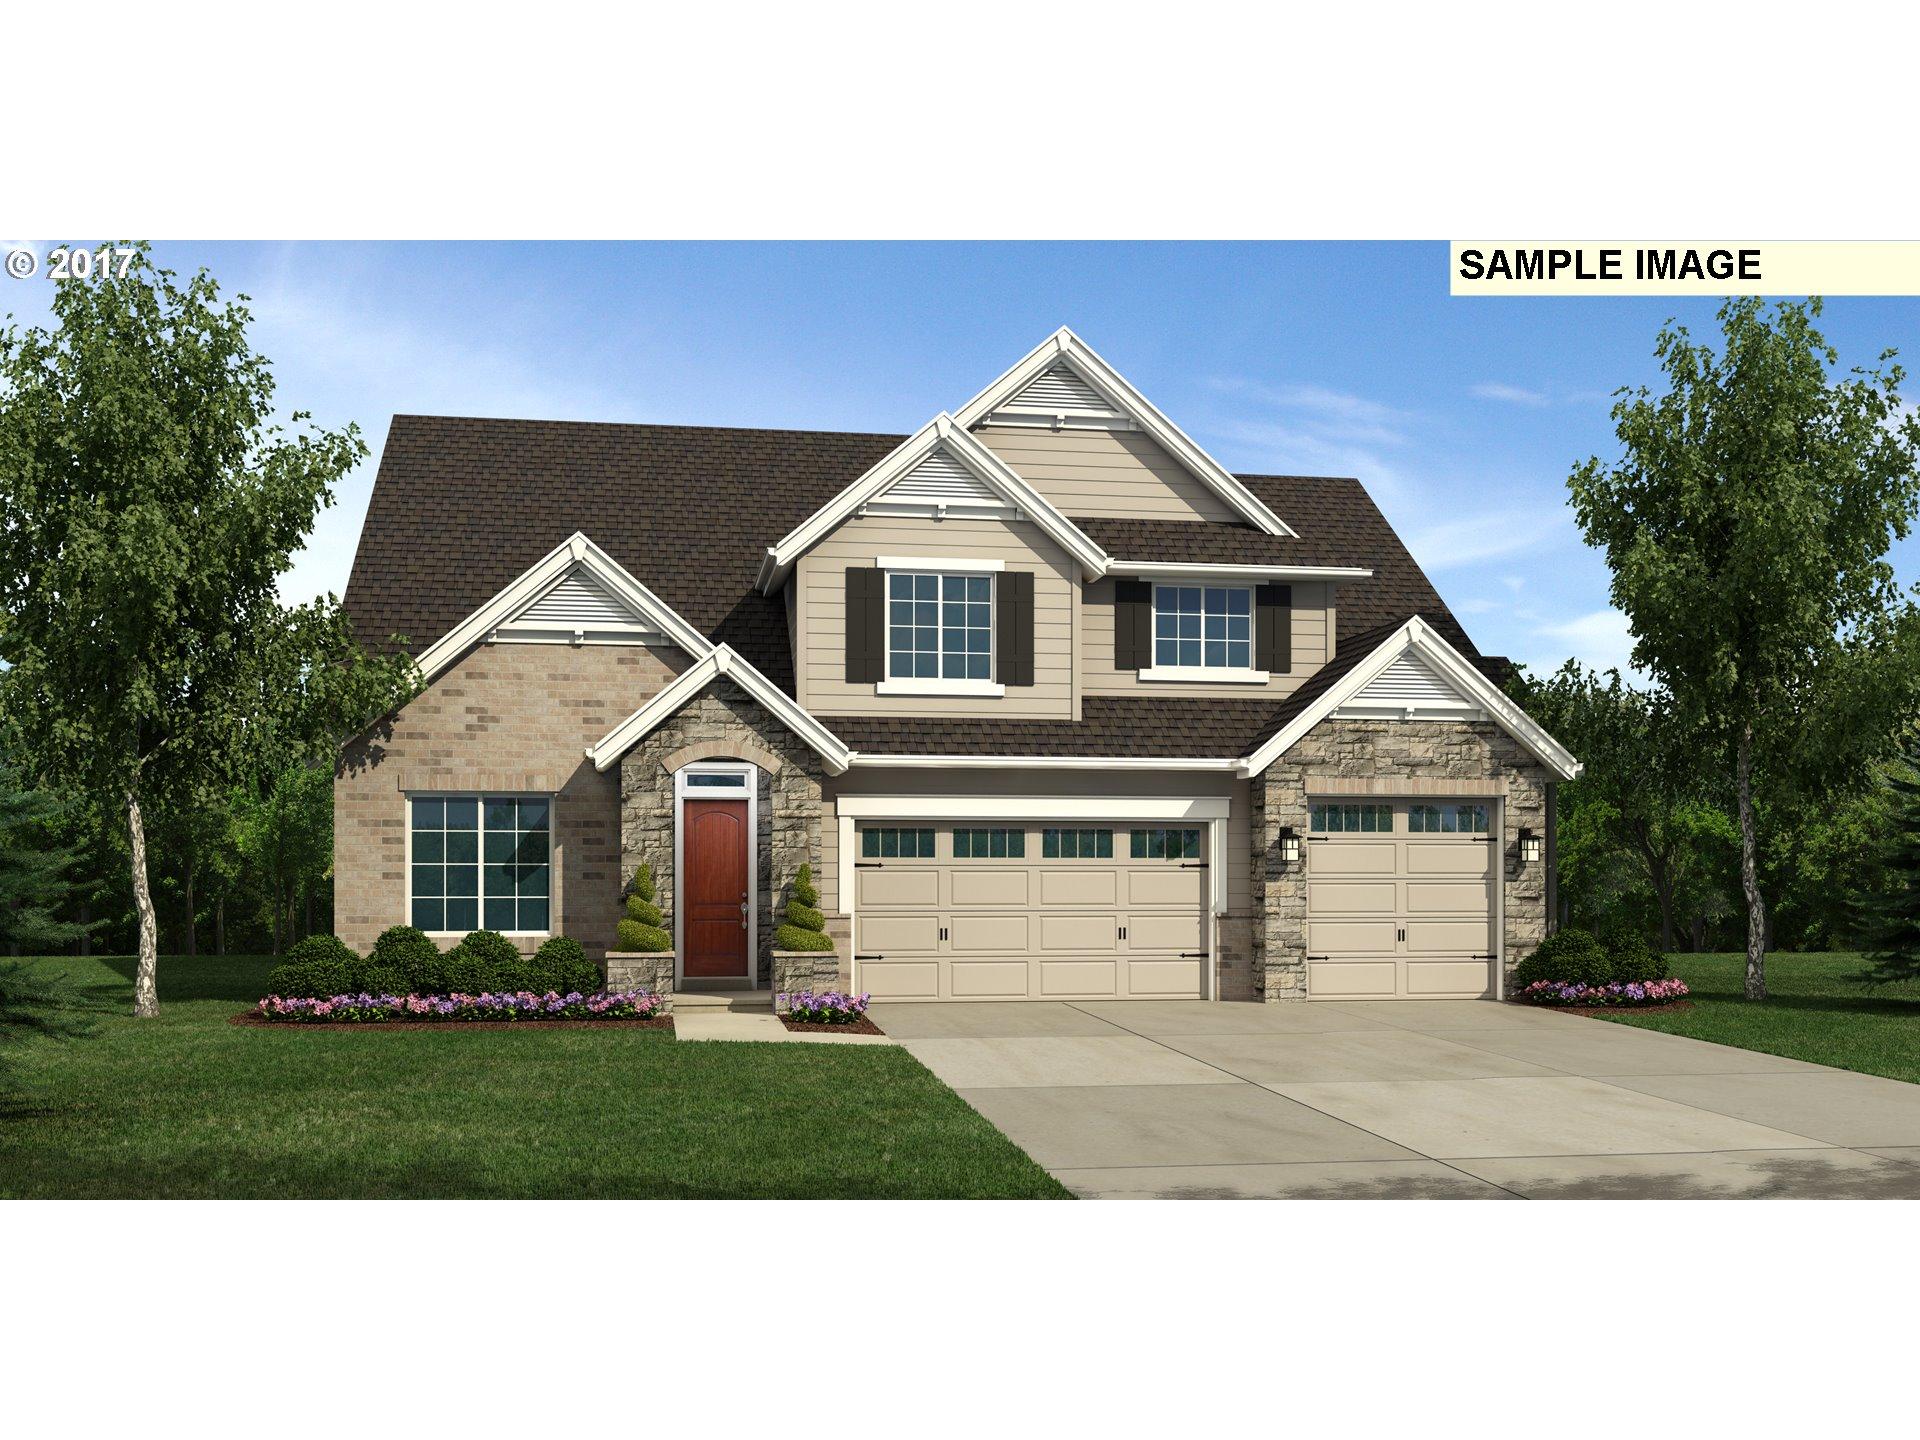 1508 SE 41st LOOP, Hillsboro, OR 97123